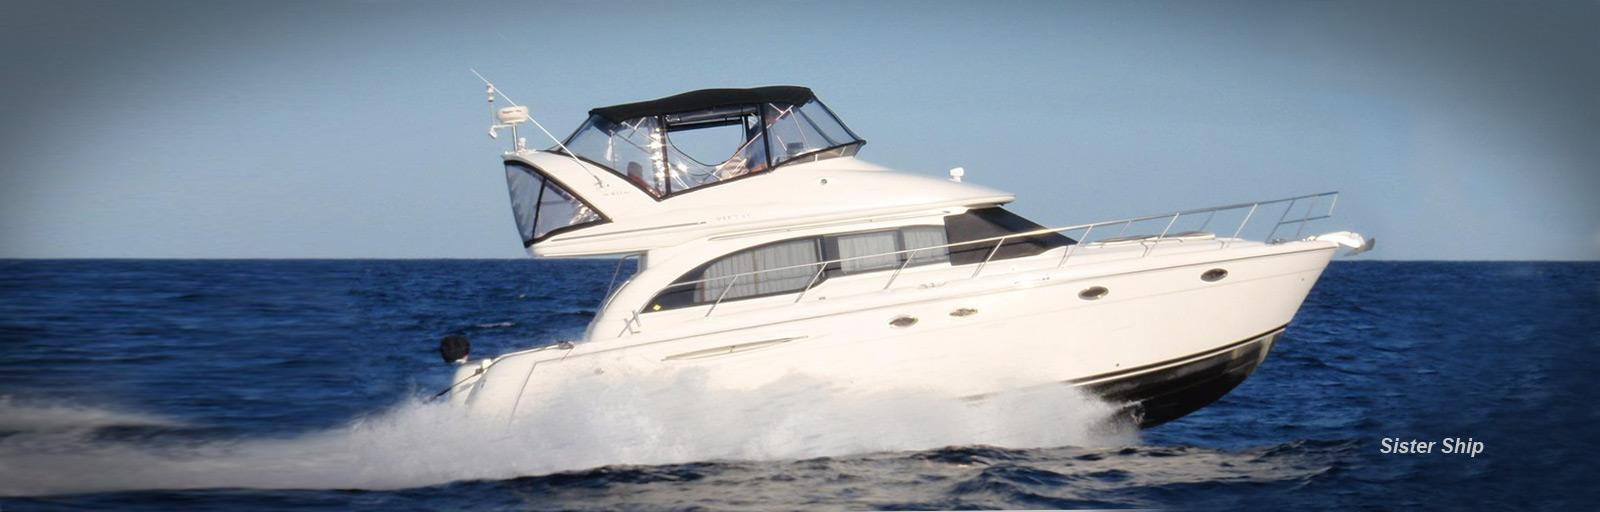 MERIDIAN 411 Sedan - AYC Yachtbroker